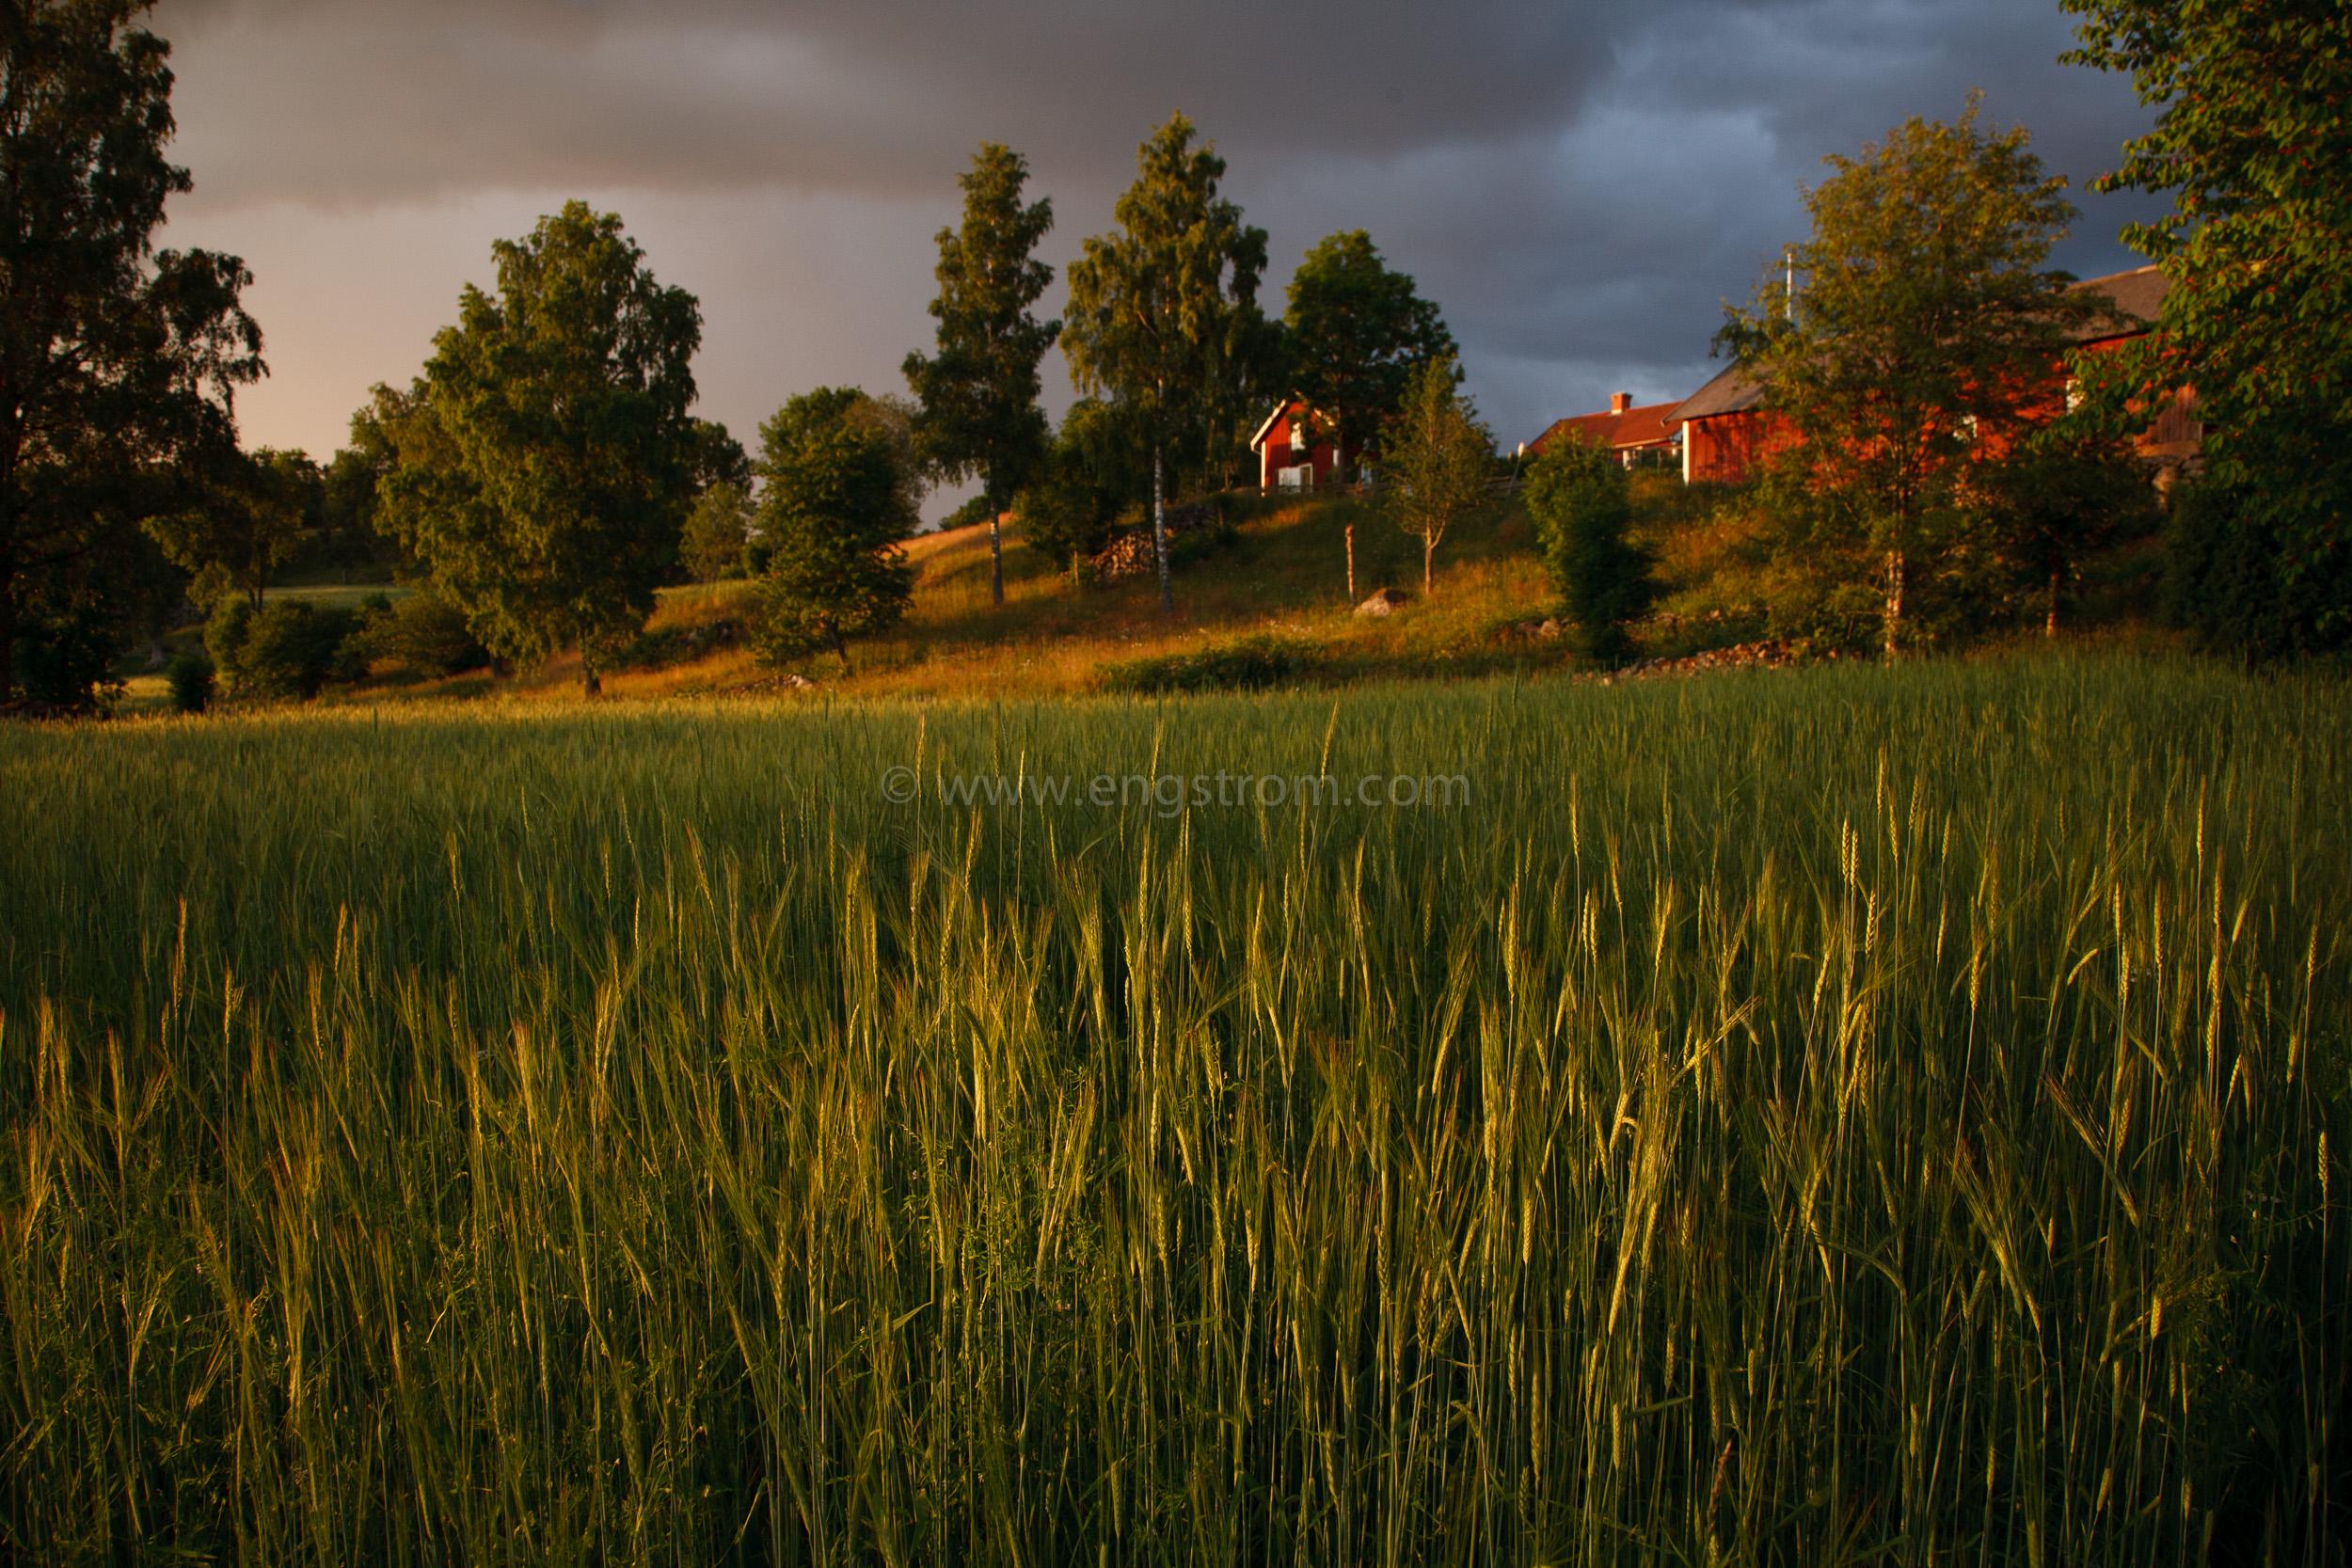 JE_20110707-201359, Korn med gård i bakgrunden, Jonas Engström